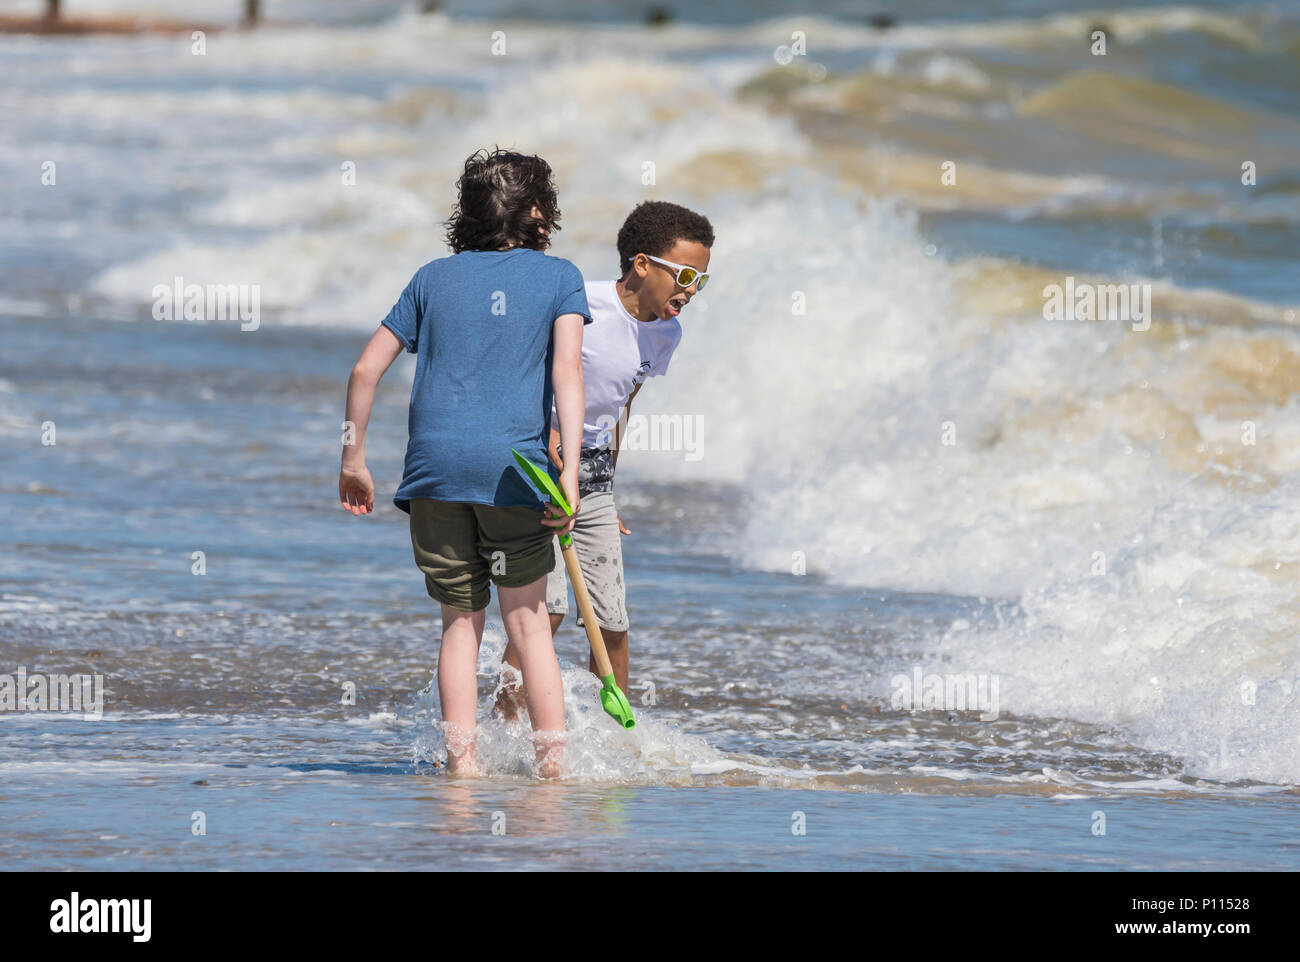 Par de muchachos en una playa en la costa jugando como las olas rompen cerca, en Inglaterra, Reino Unido. Los varones parecen ser de diferentes orígenes étnicos. Imagen De Stock